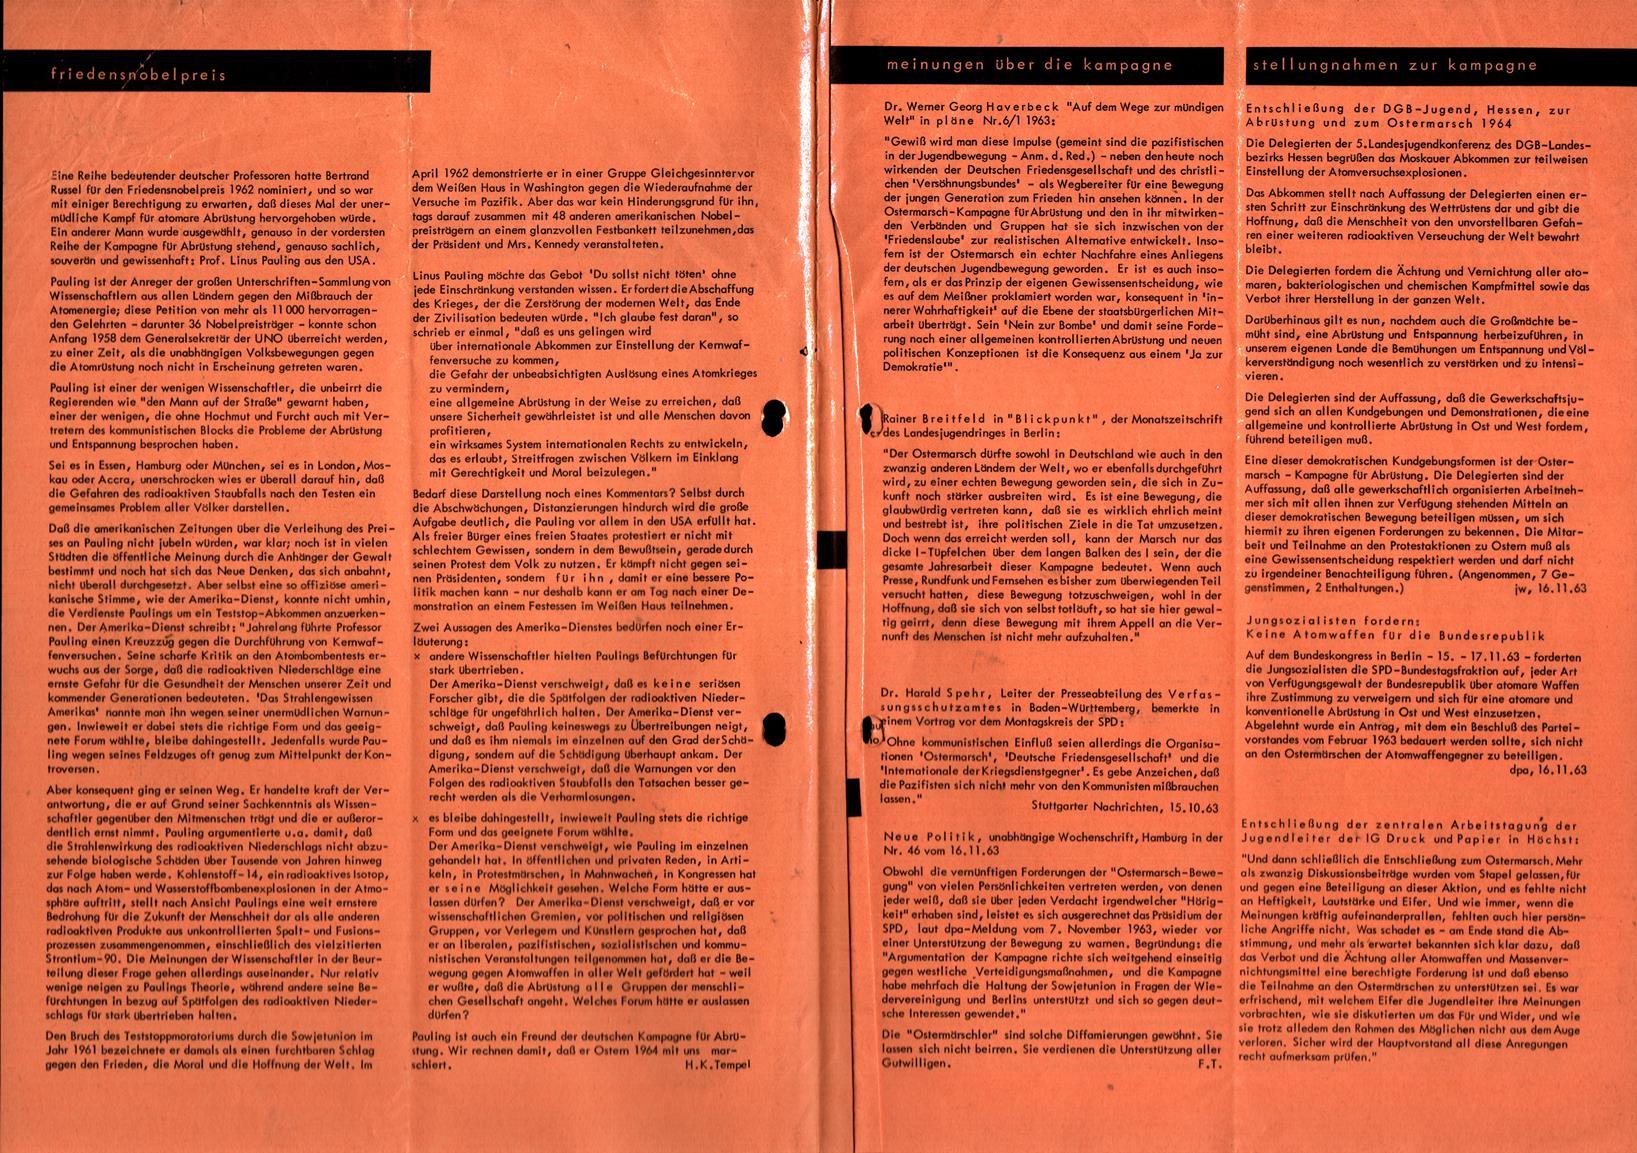 Infos_zur_Abruestung_1963_005_002